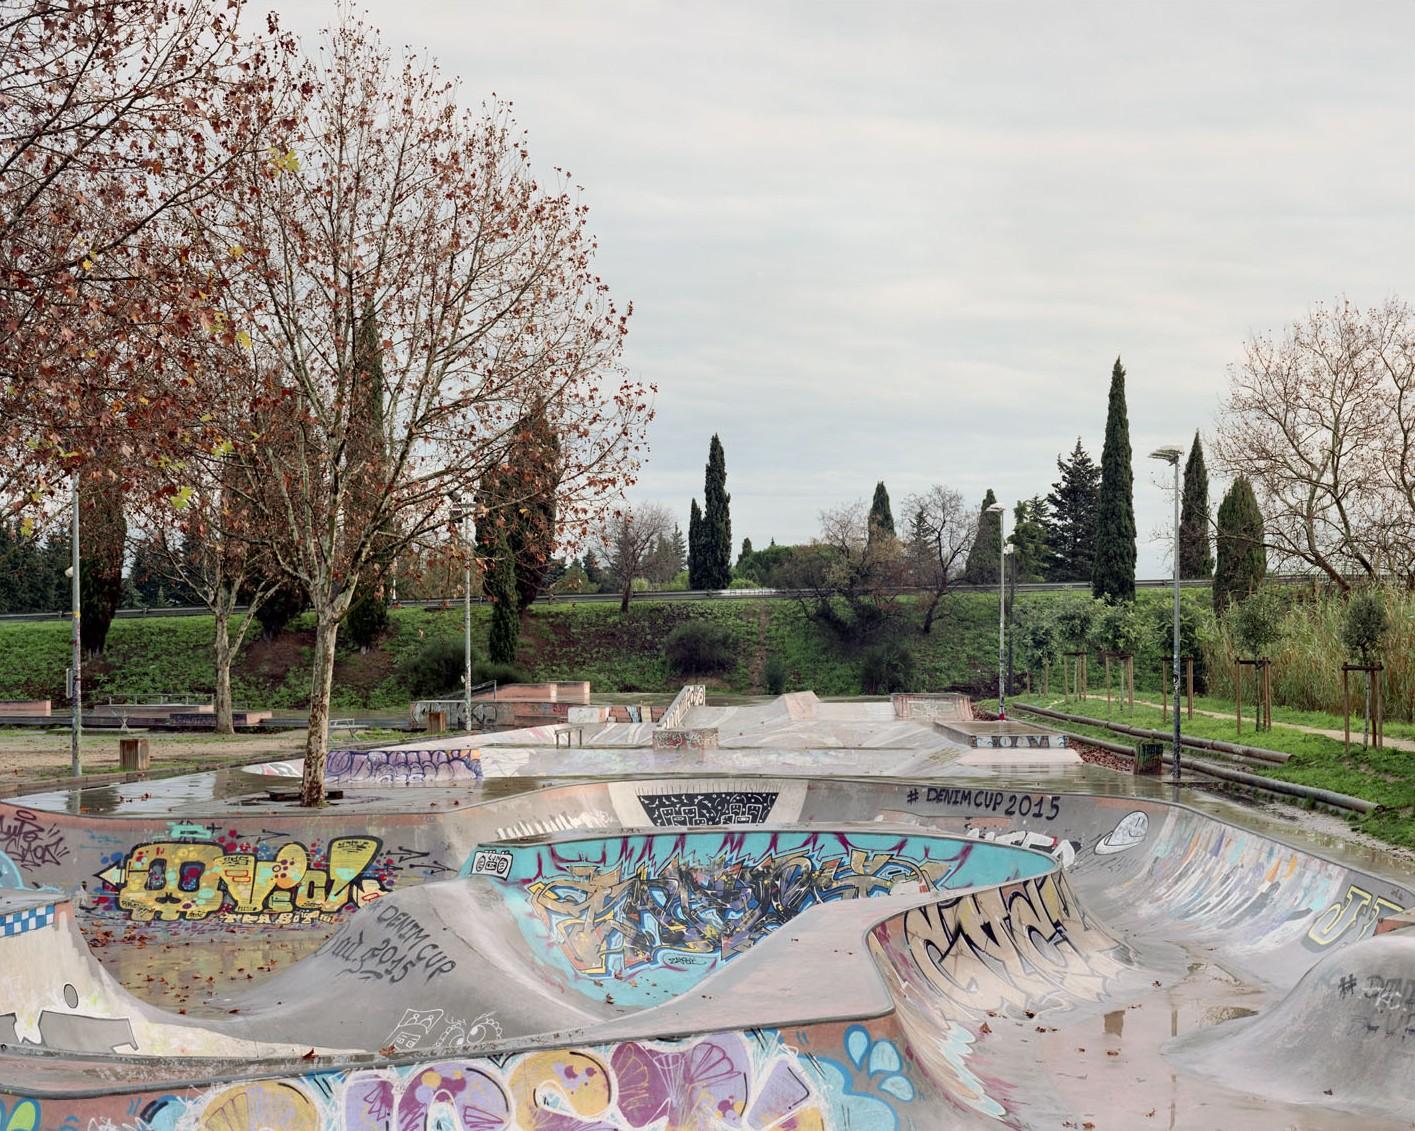 Skatepark, Nîmes, commande photographique de la villa Noailles - Photo Maxime Delvaux, 2016